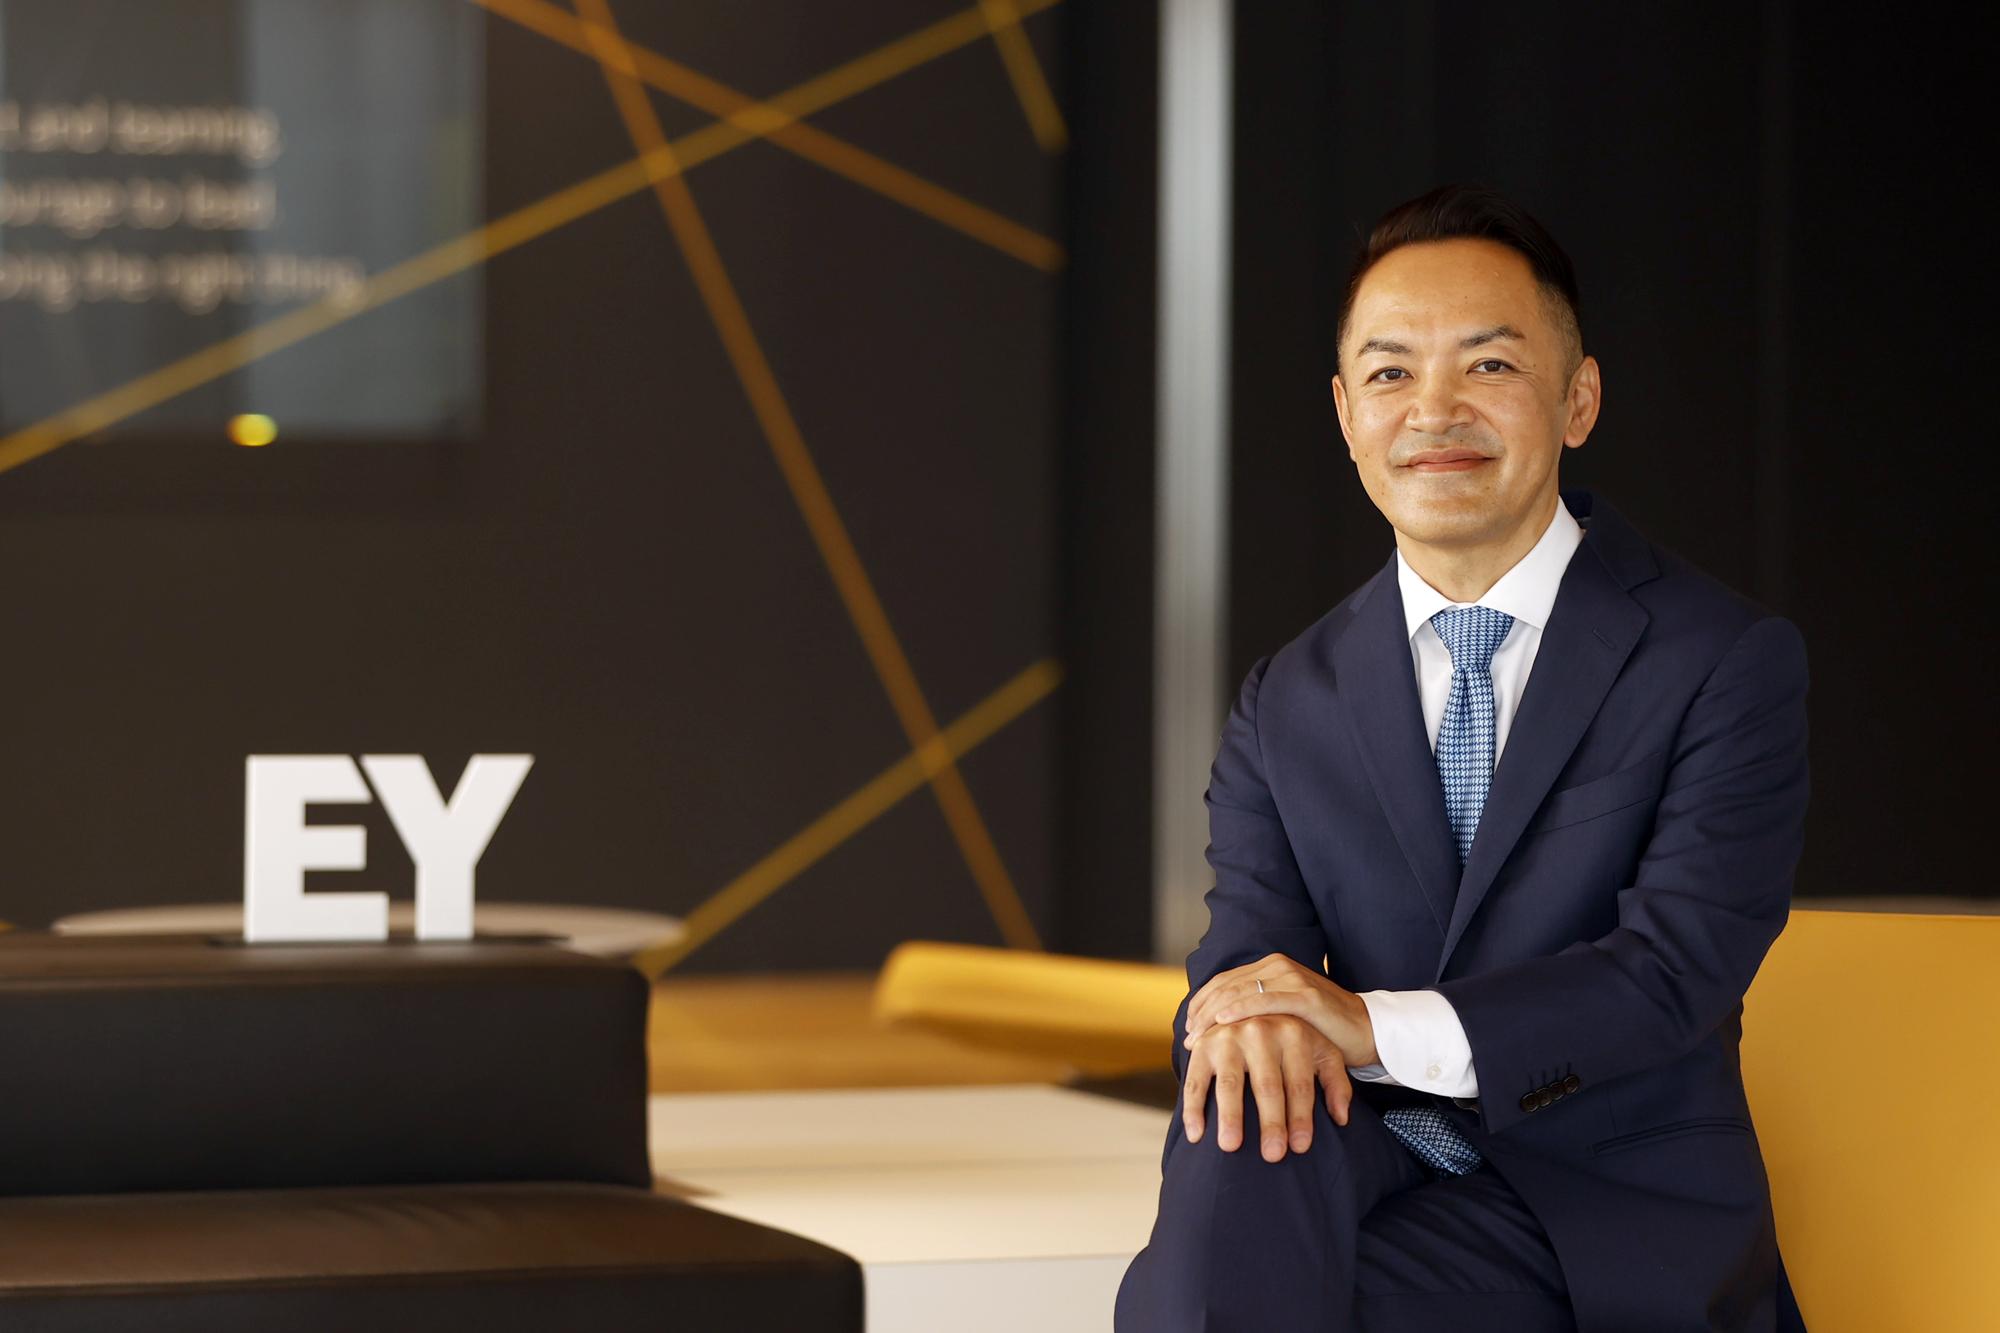 貴田 守亮、EY Japan チェアパーソン兼CEO ジャパン・リージョナル・マネージング・パートナー(RMP)